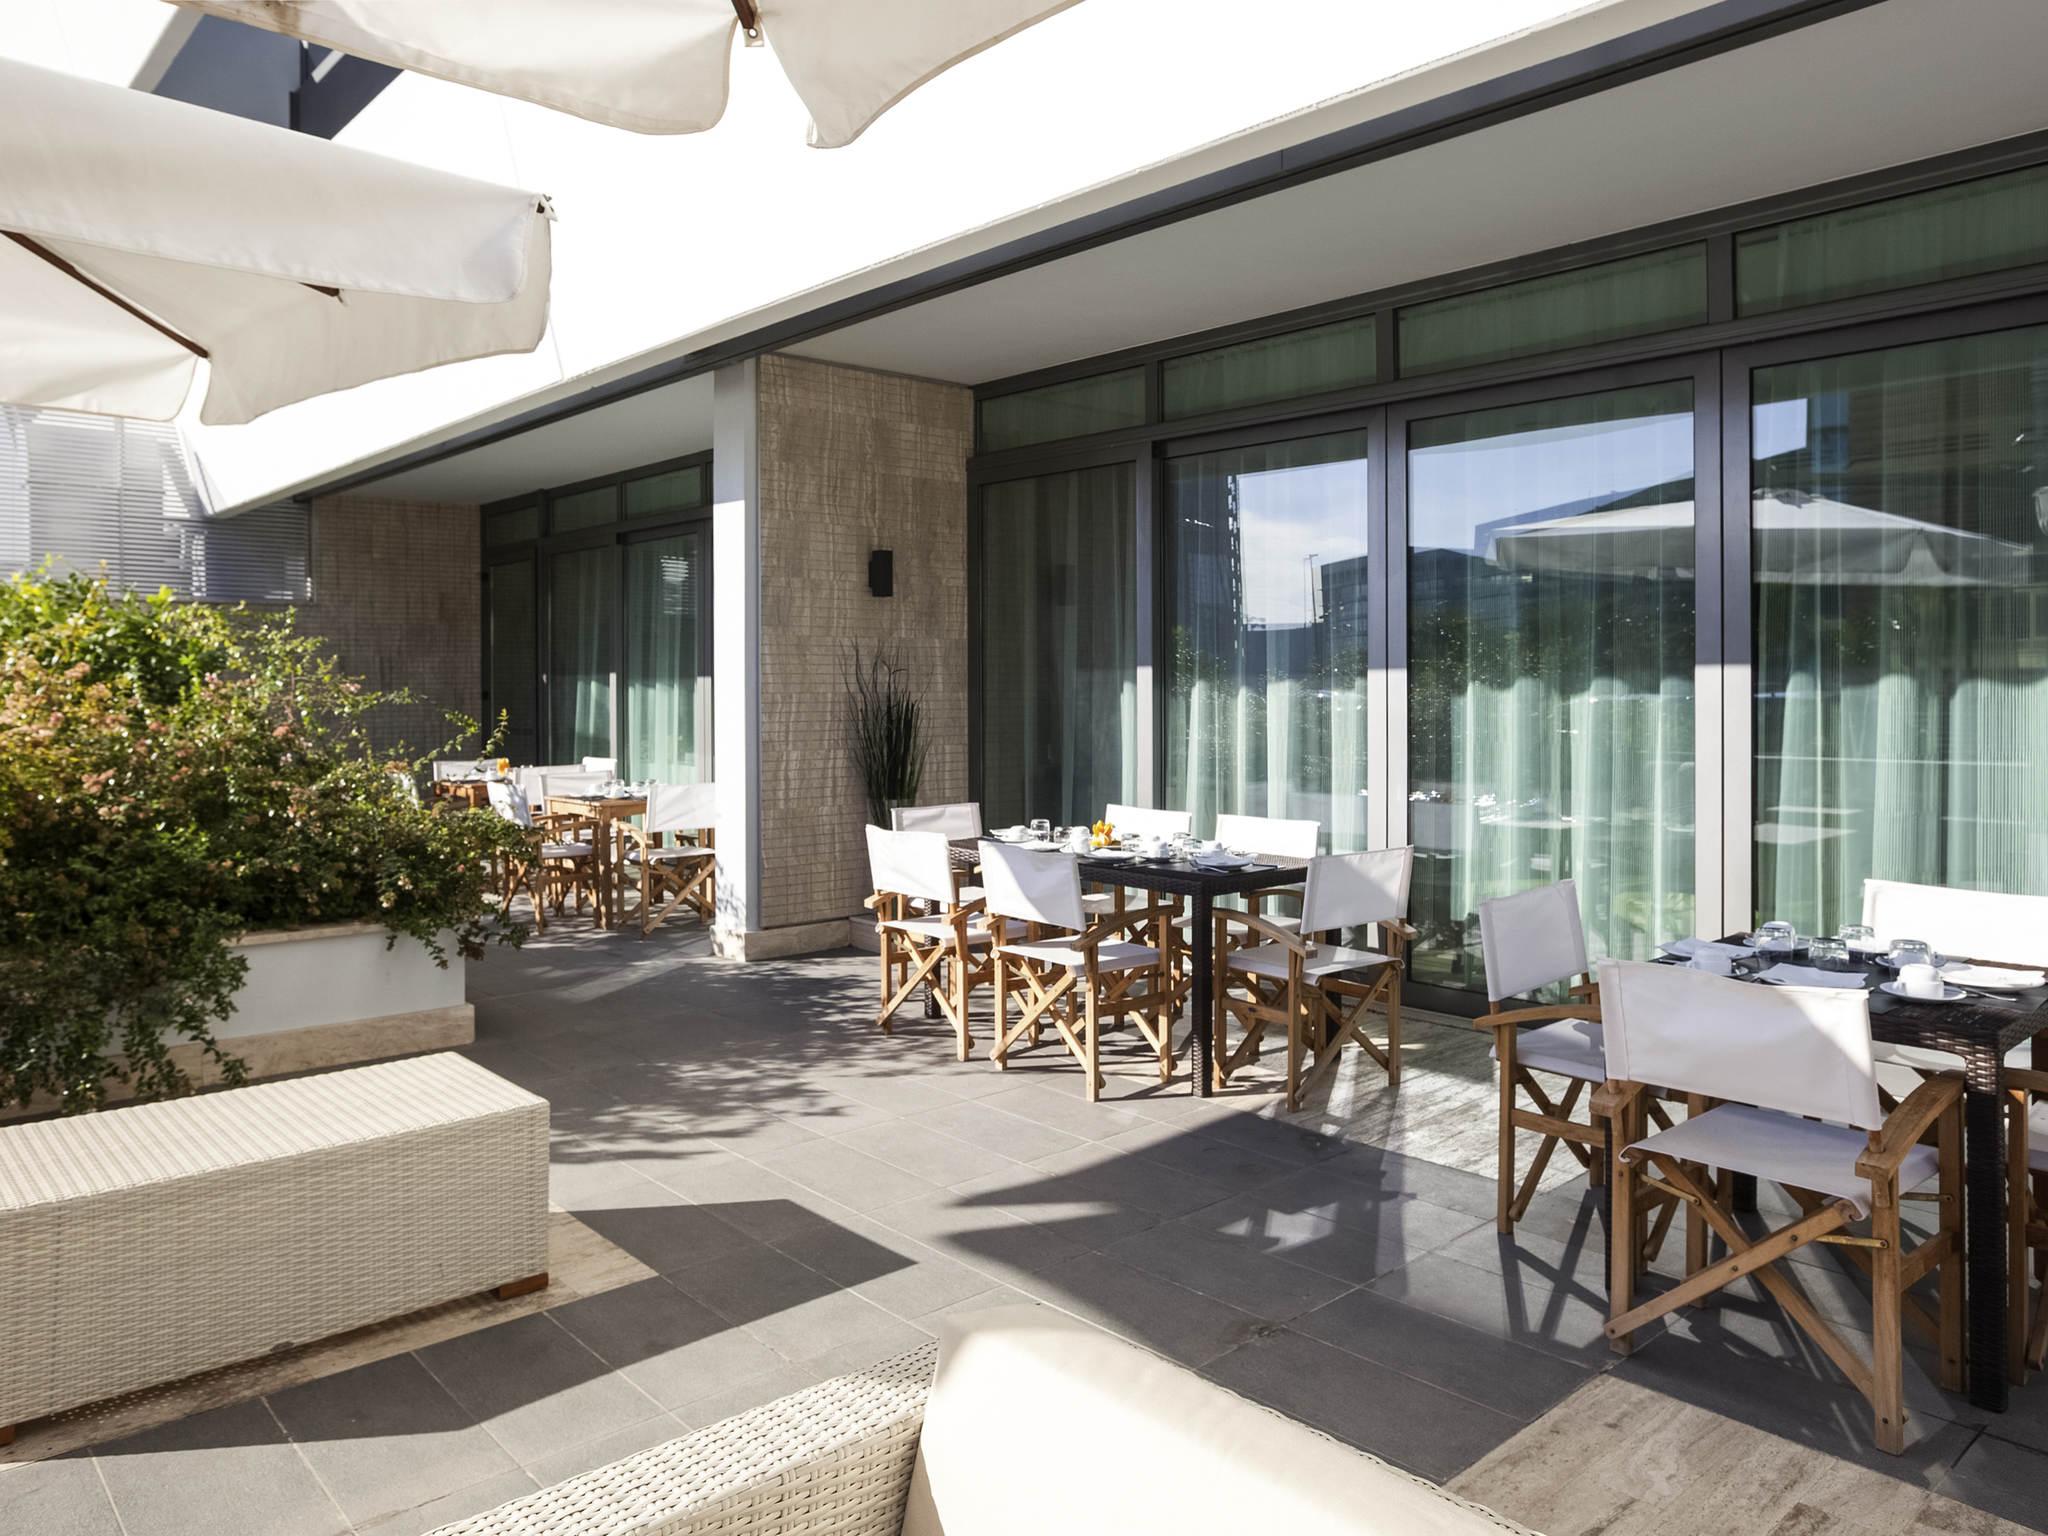 Otel – Novotel Roma Eur - Yeni açıldı